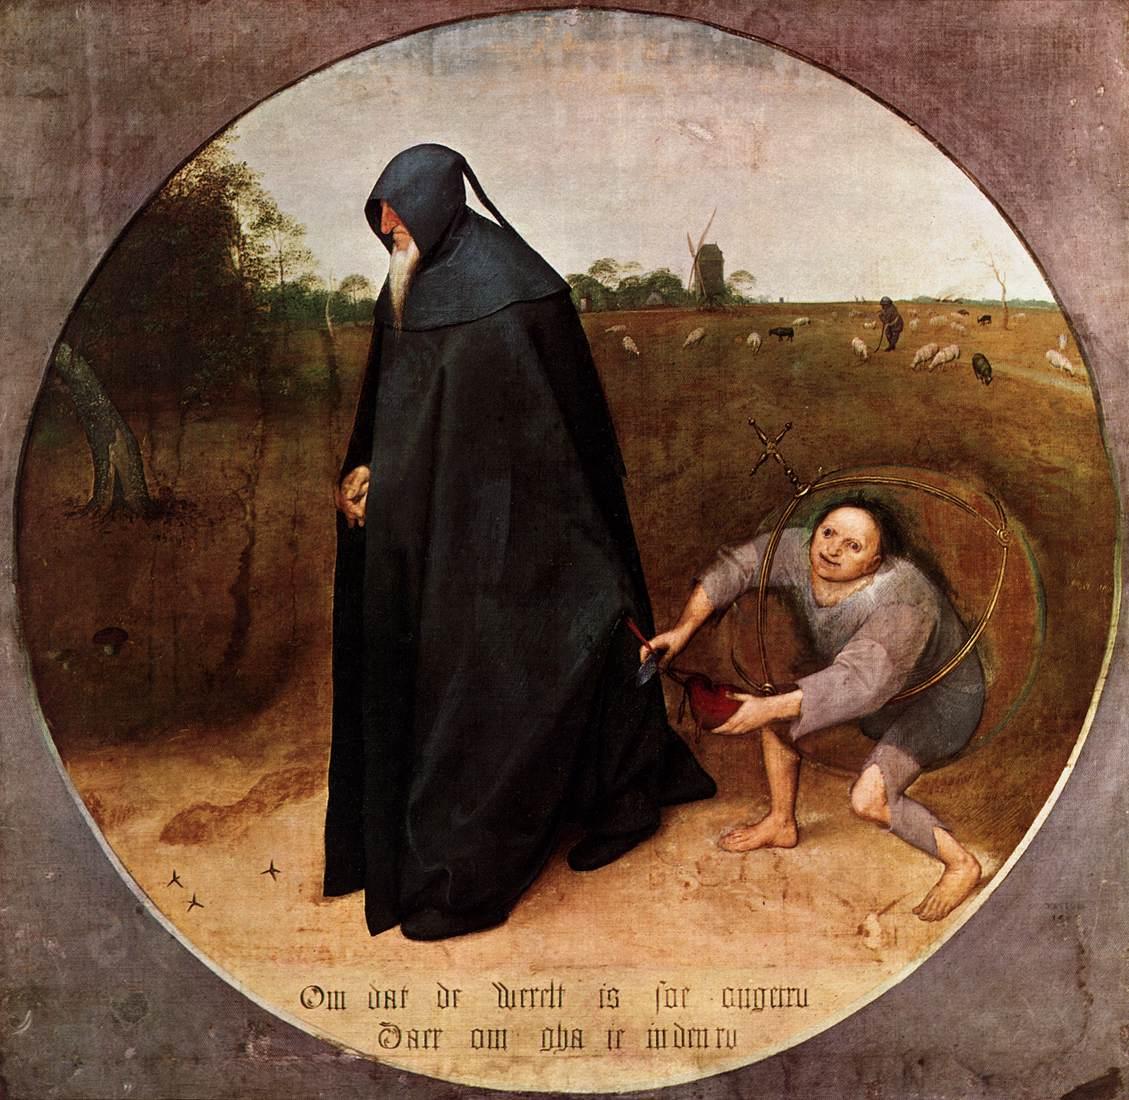 Pieter_Bruegel_the_Elder_-_The_Misanthrope_-_WGA3521.jpg